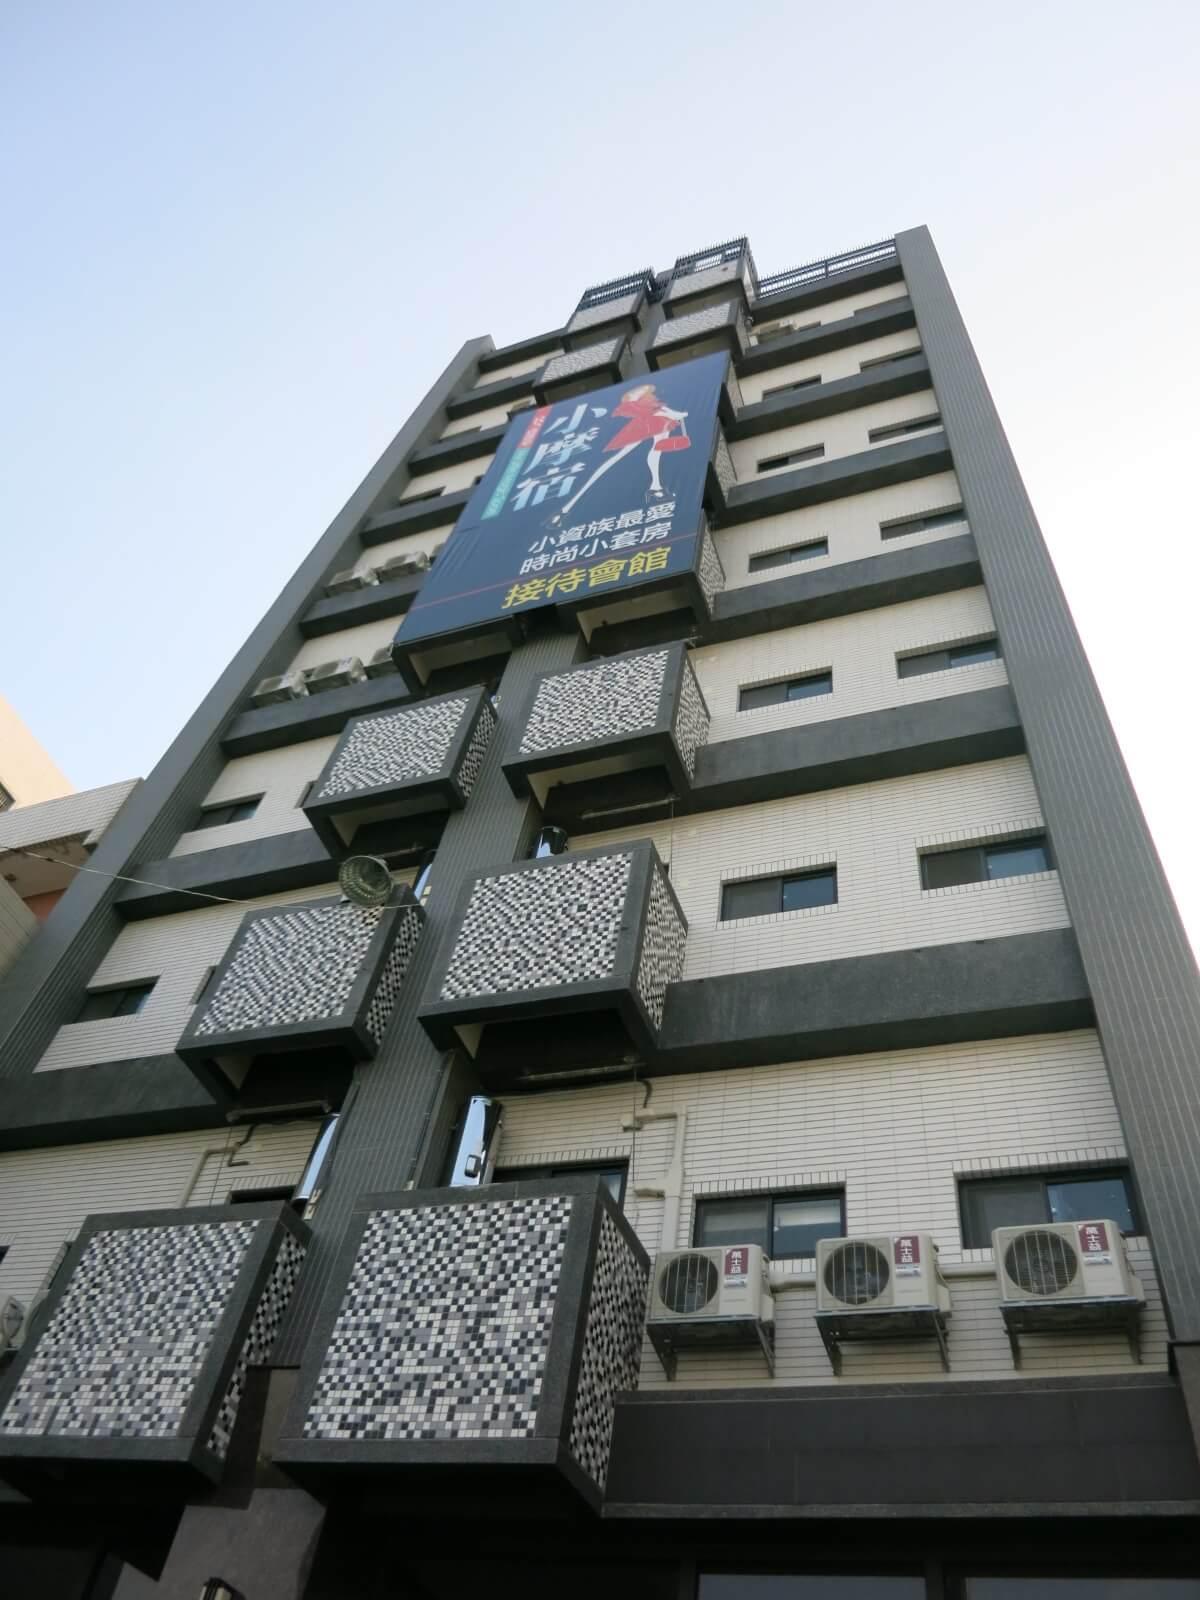 圖片:高雄前鎮建案 昇和建設 小摩宿 R5捷運宅 M3.6創意魔術空間 298萬起